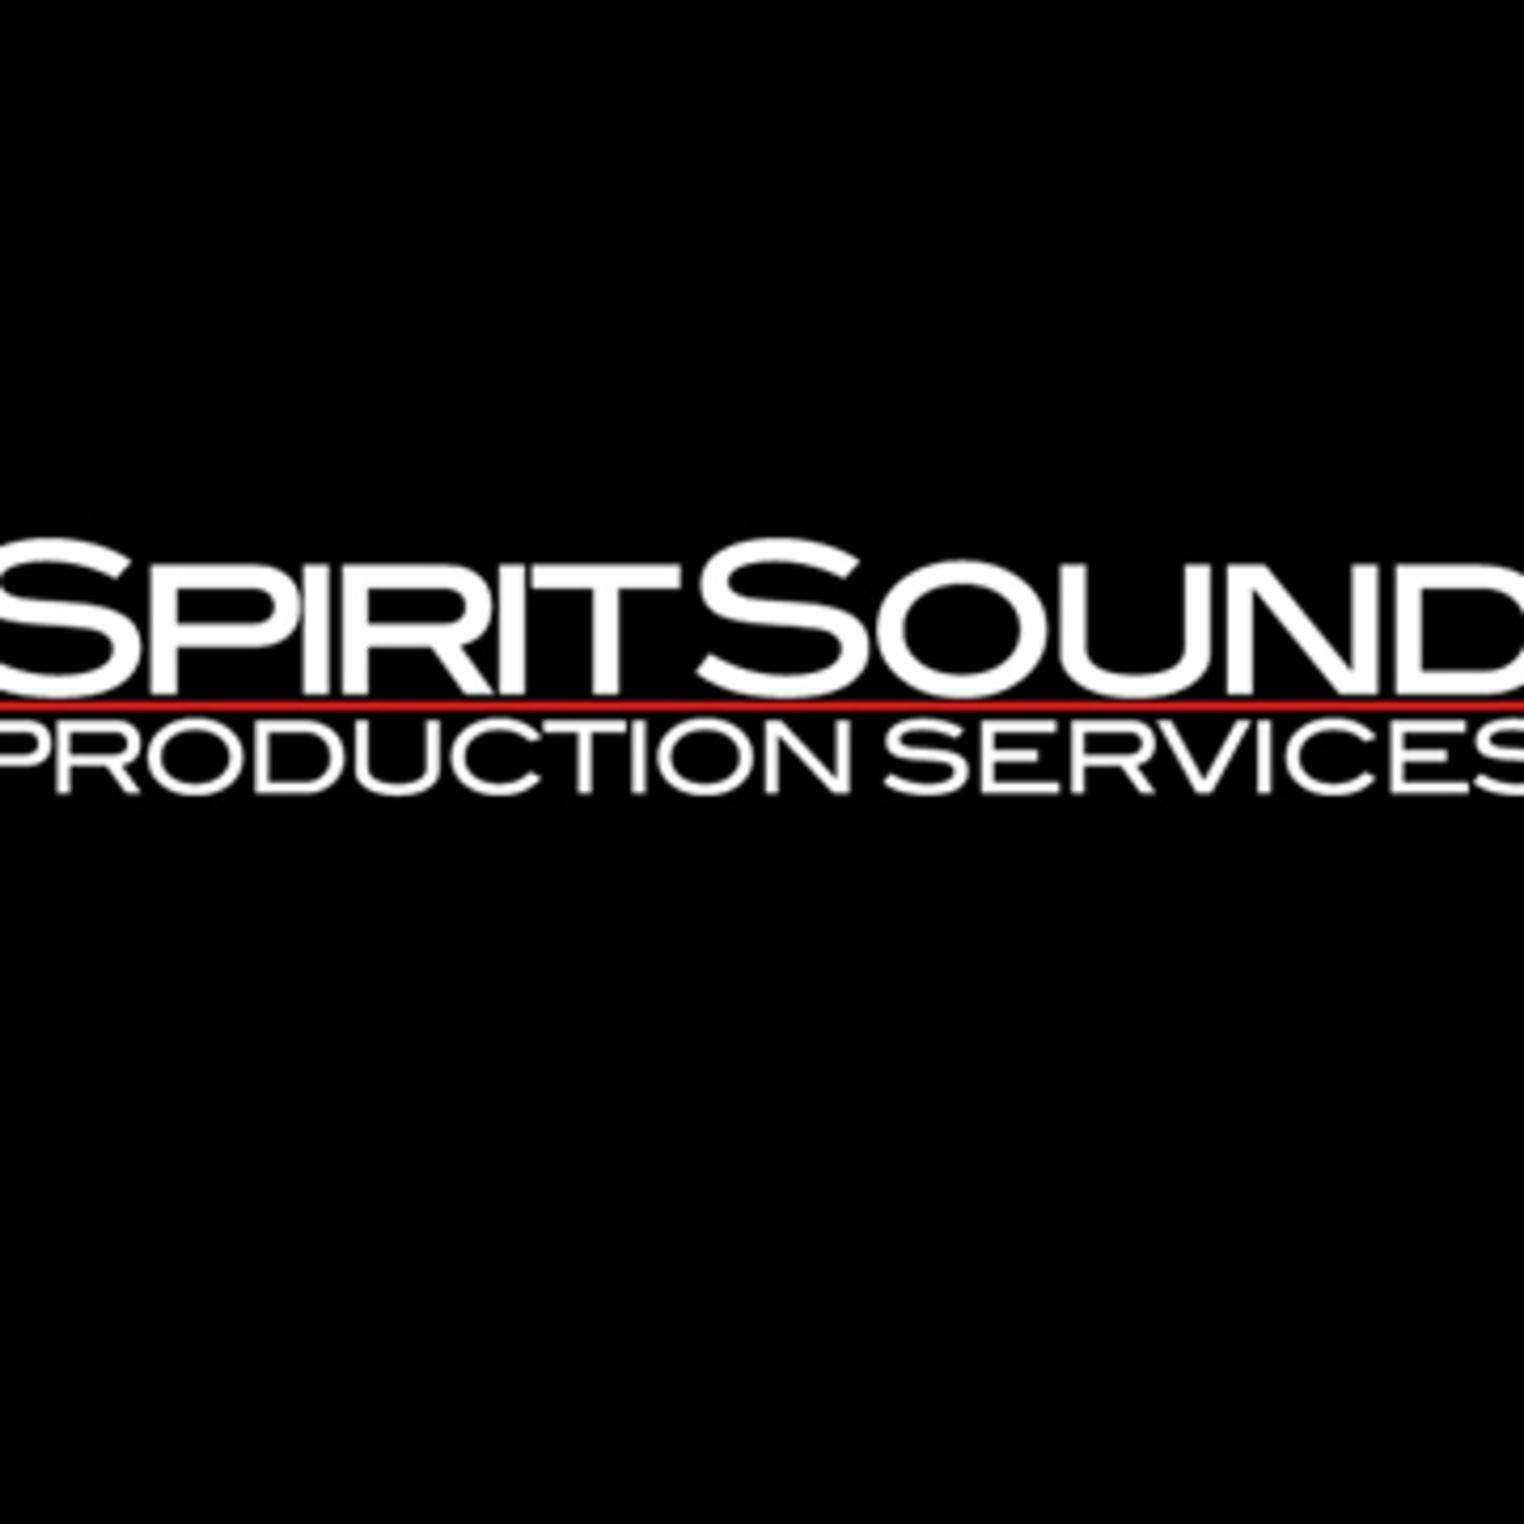 SpiritSound